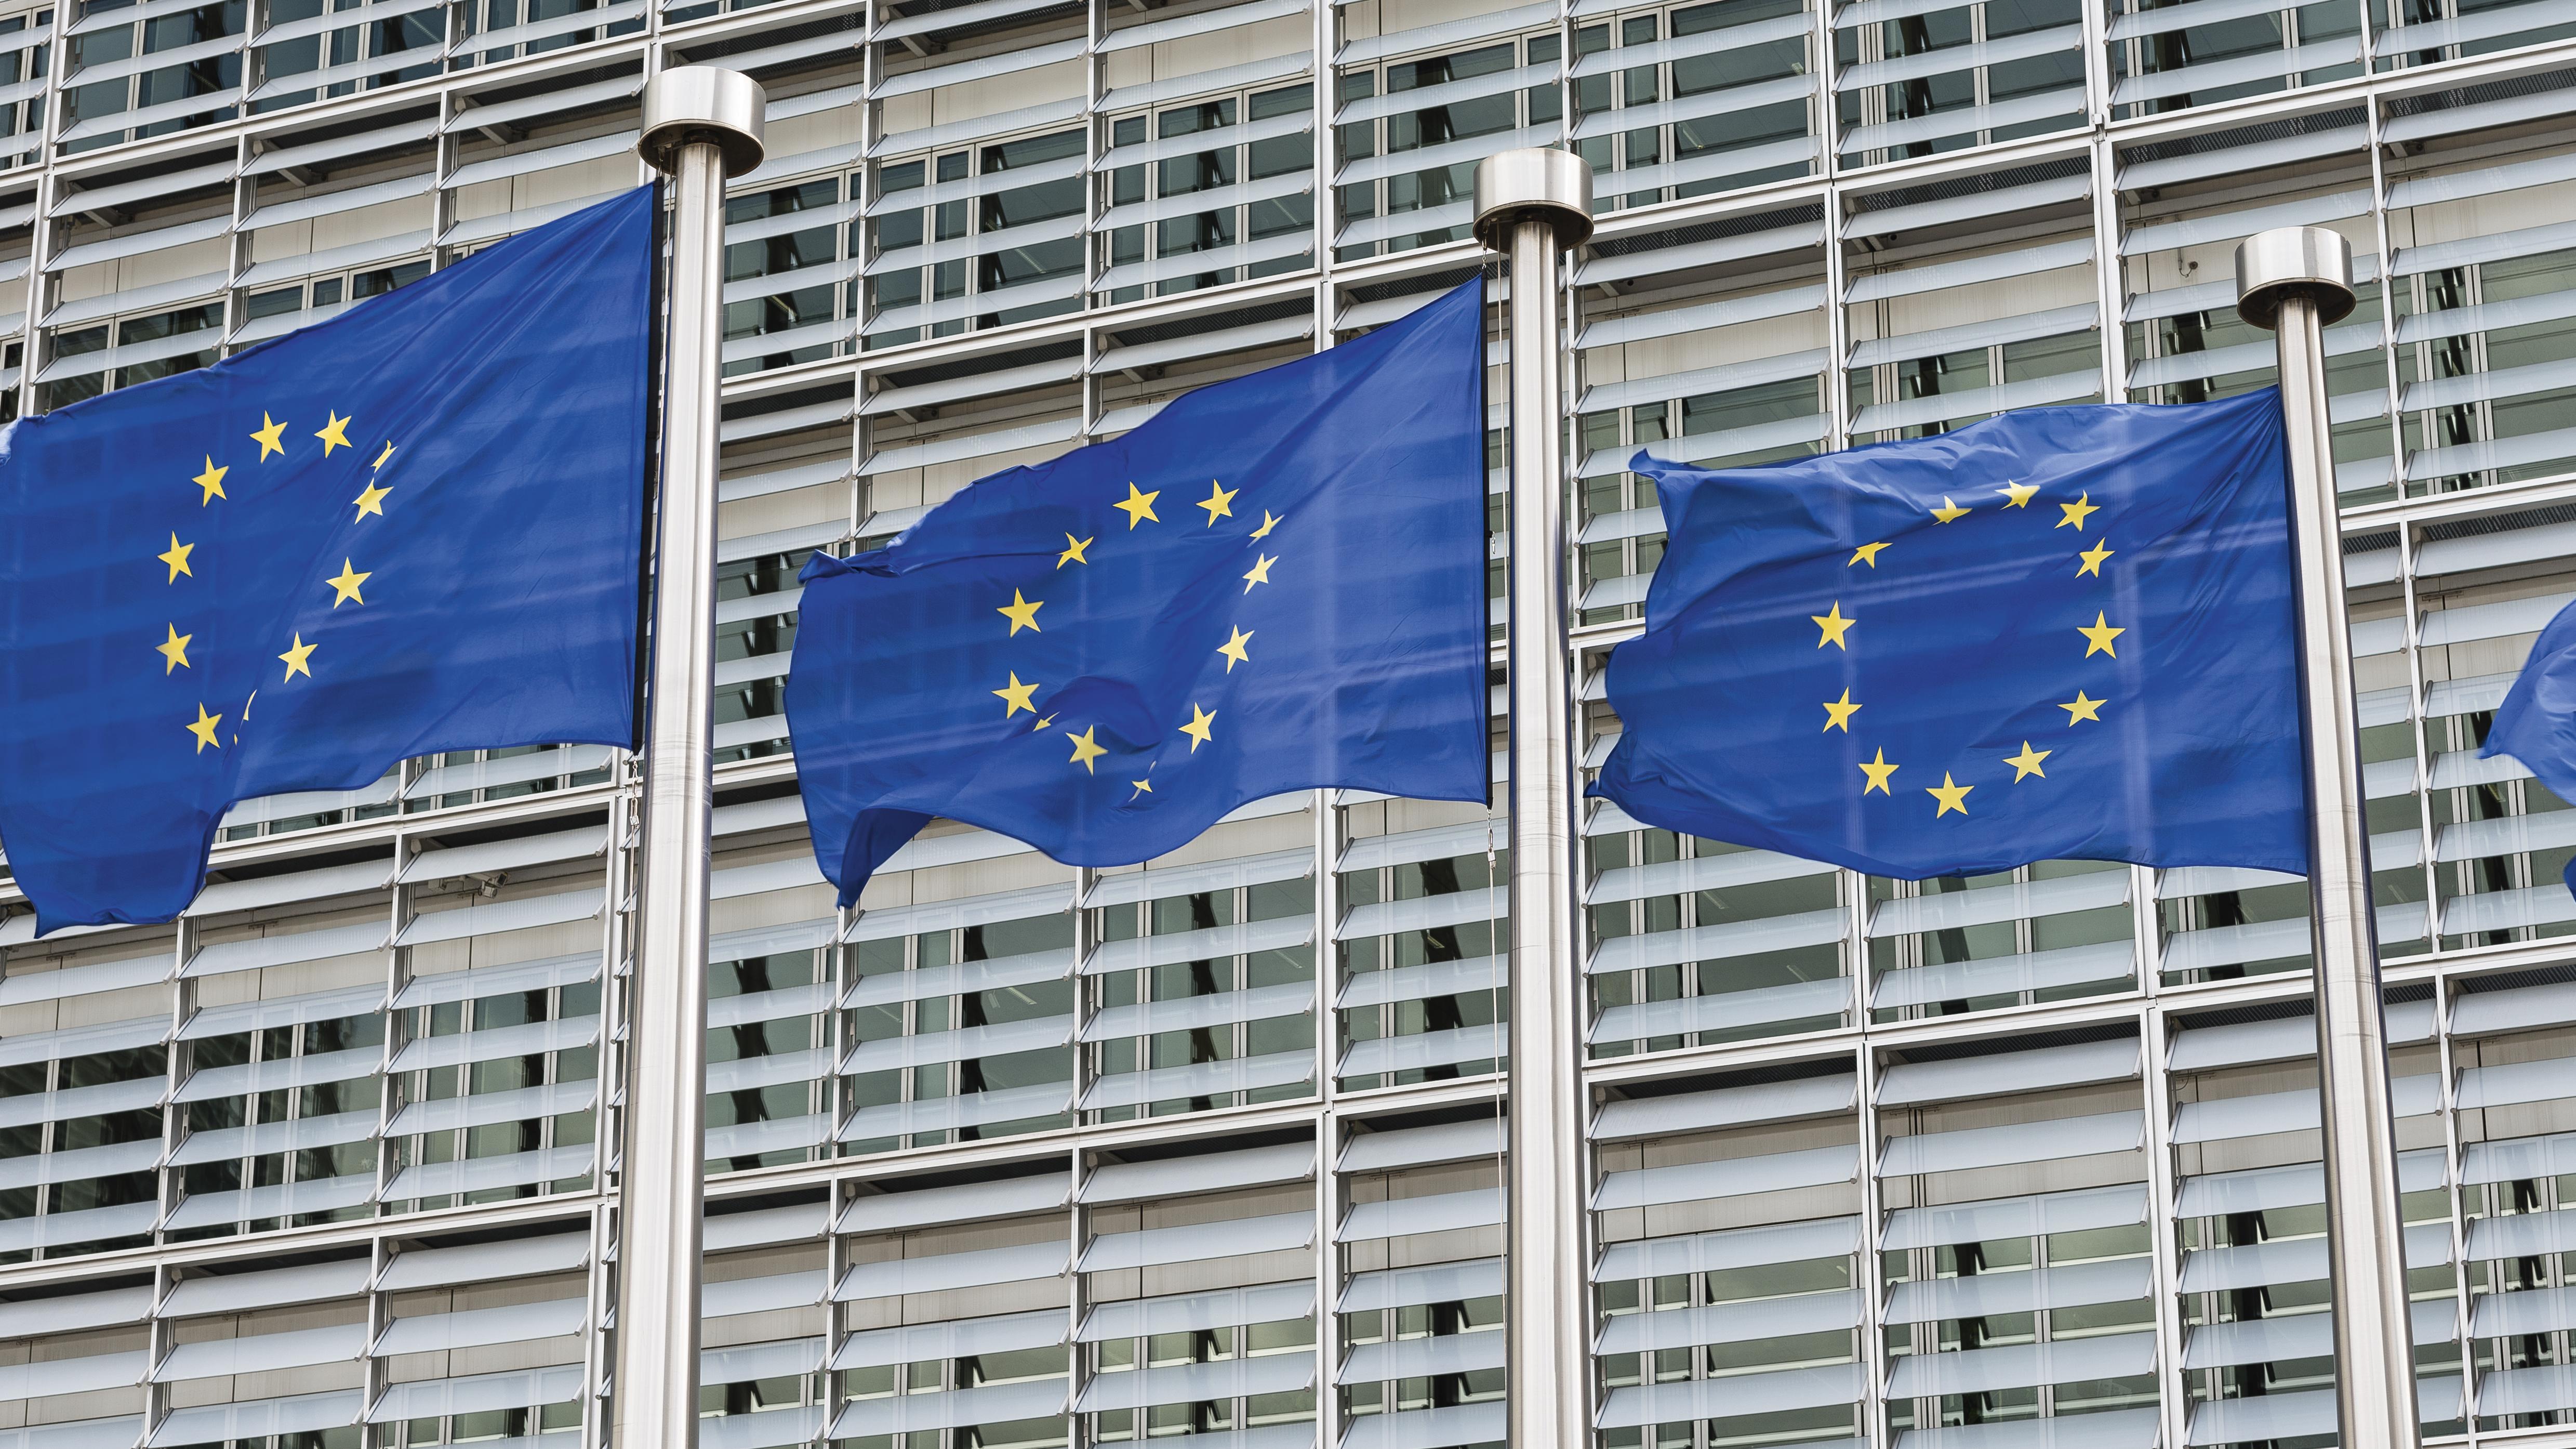 EU-Flaggen wehen vor dem Gebäude der Europäischen Kommission in Brüssel